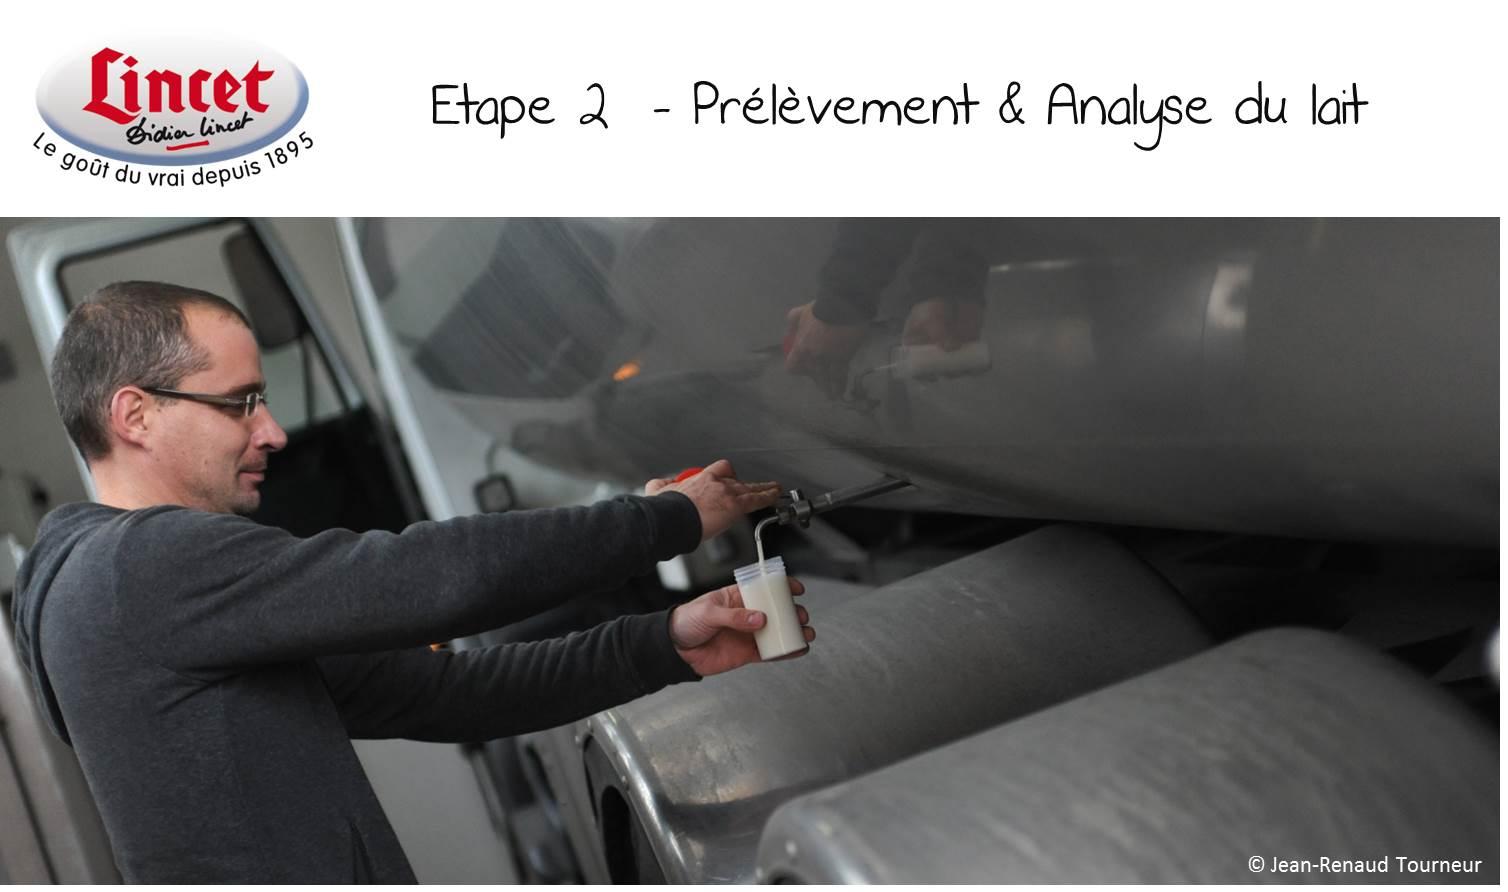 ETAPE 2 Prelevement et analyse du lait